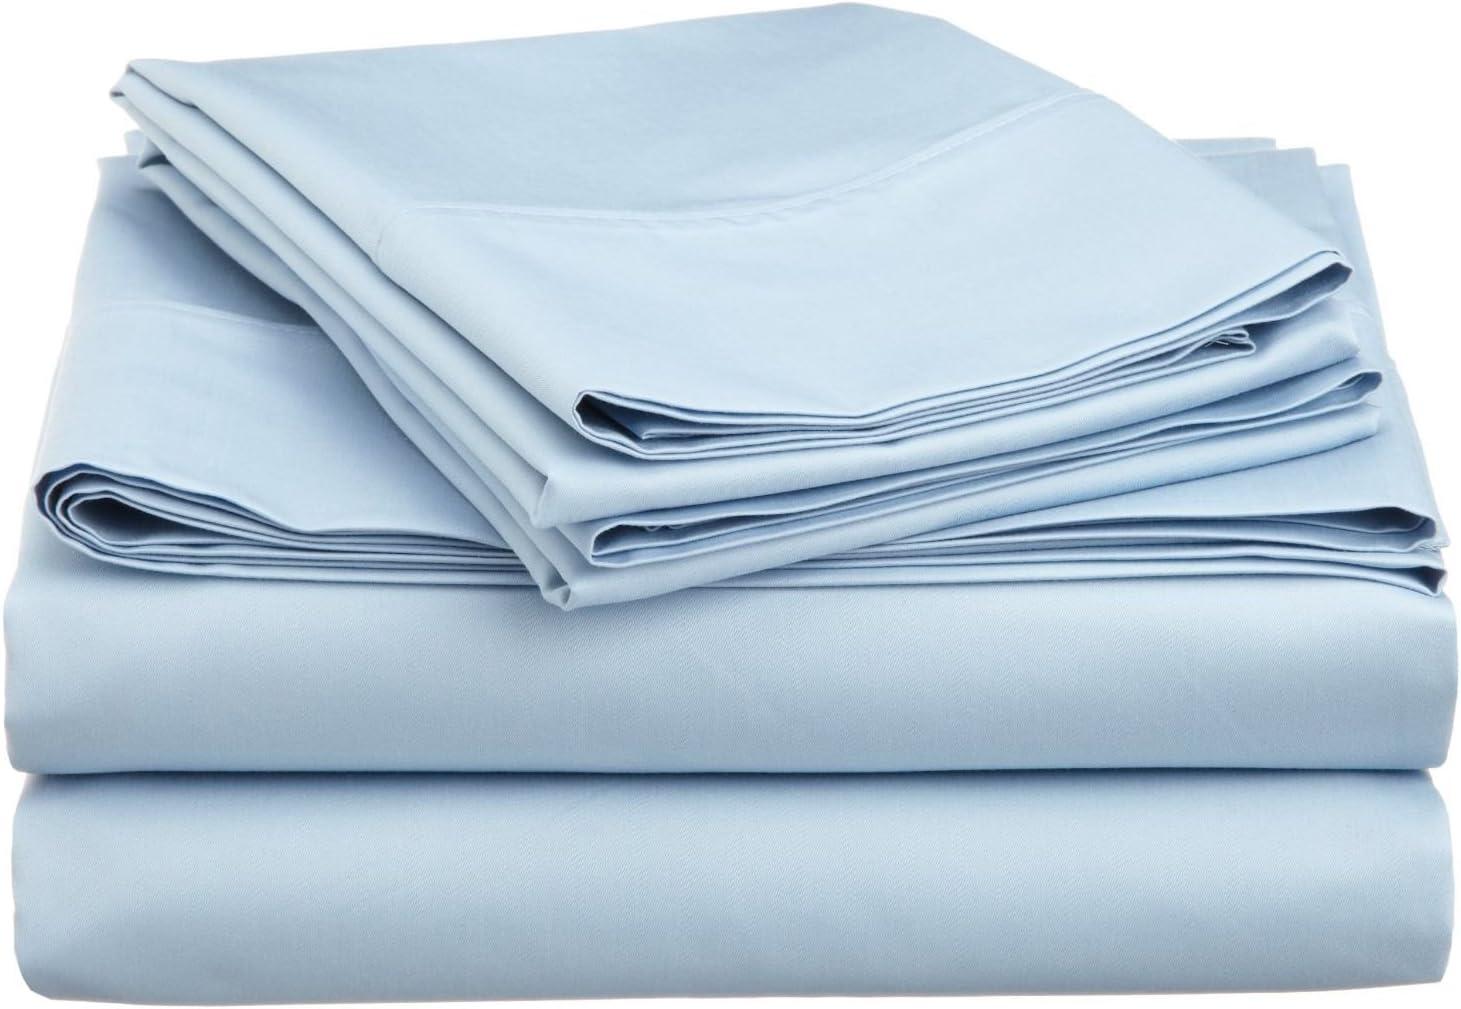 Tula Linen Max 90% OFF Sleeper Sofa Bed Sheet shipfree 62